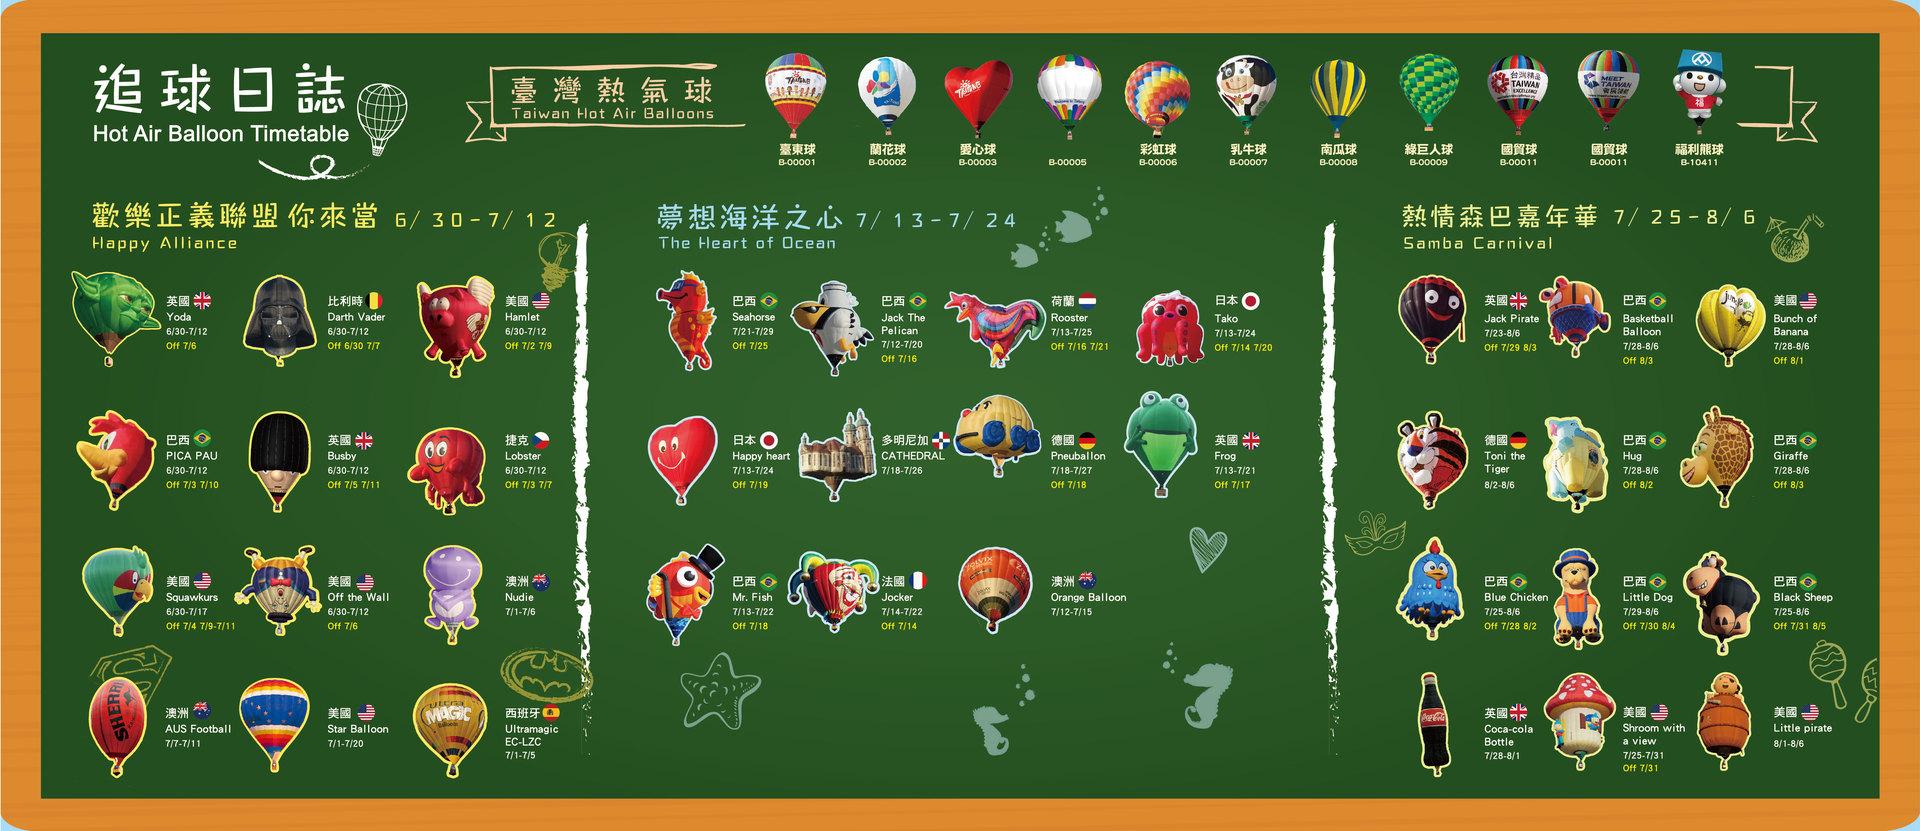 台東國際熱氣球嘉年華 2017 A